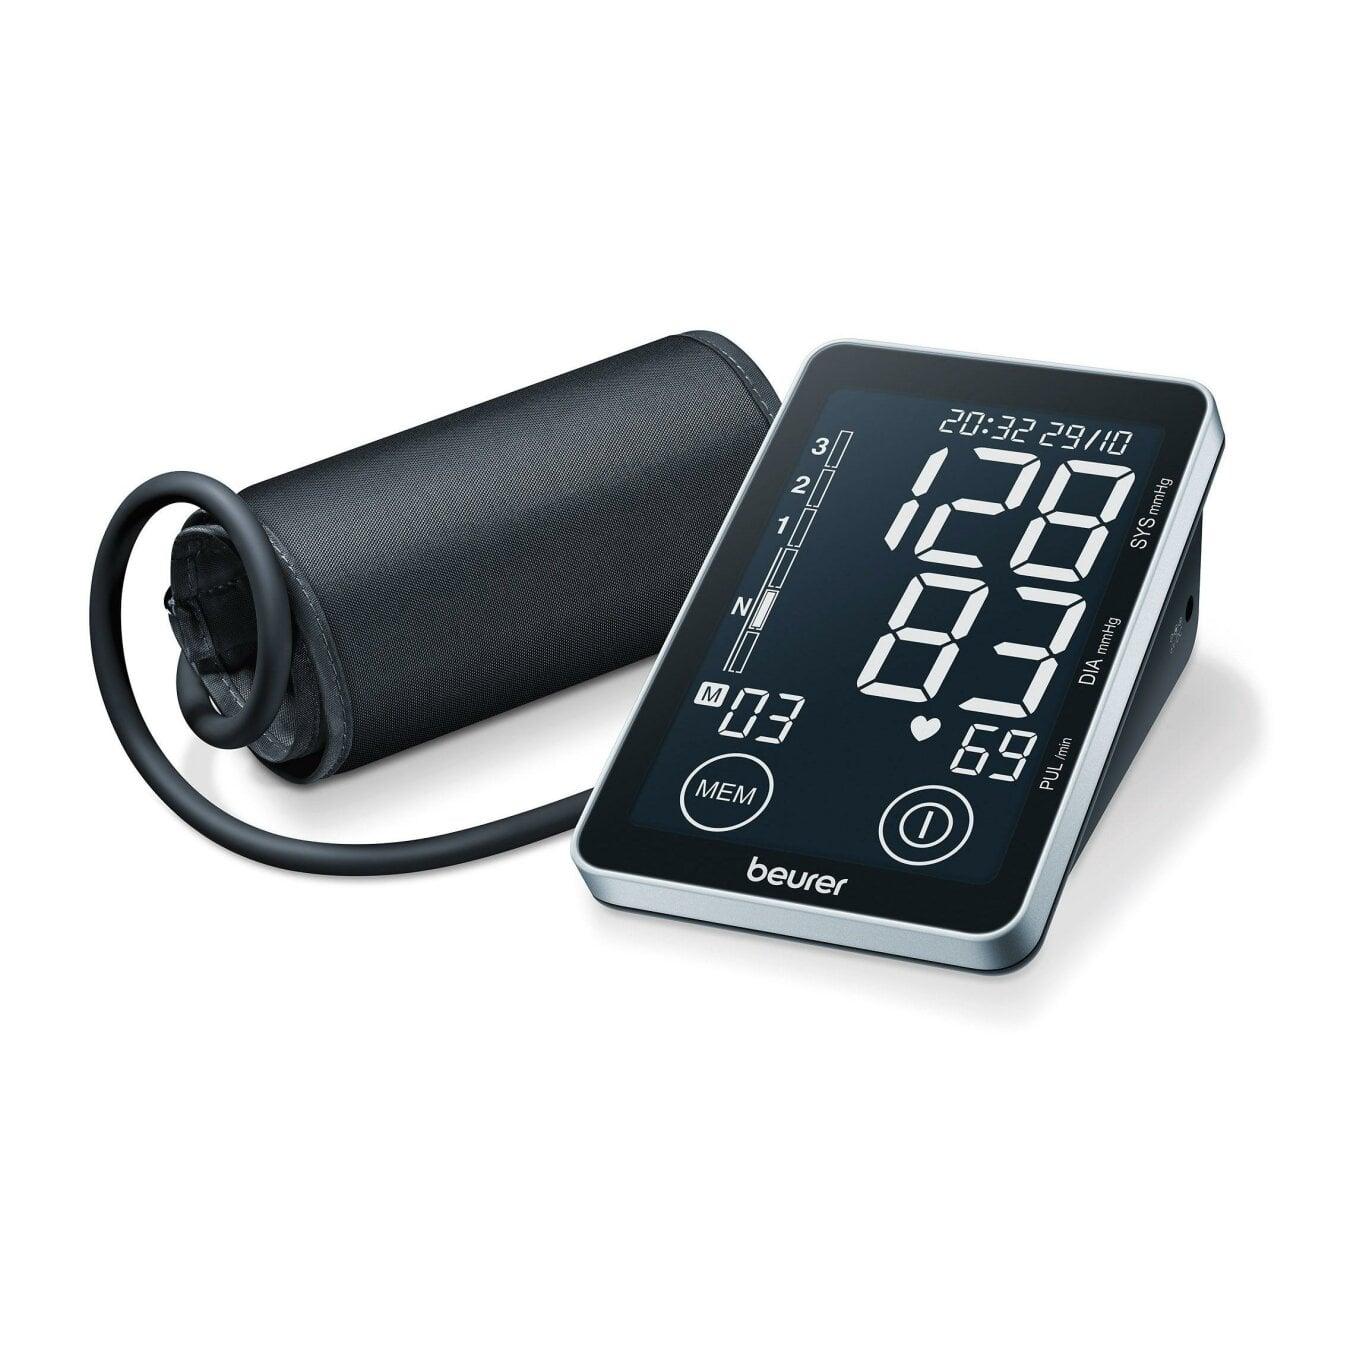 Beurer Oberarm-Blutdruckmessgerät - BM 58